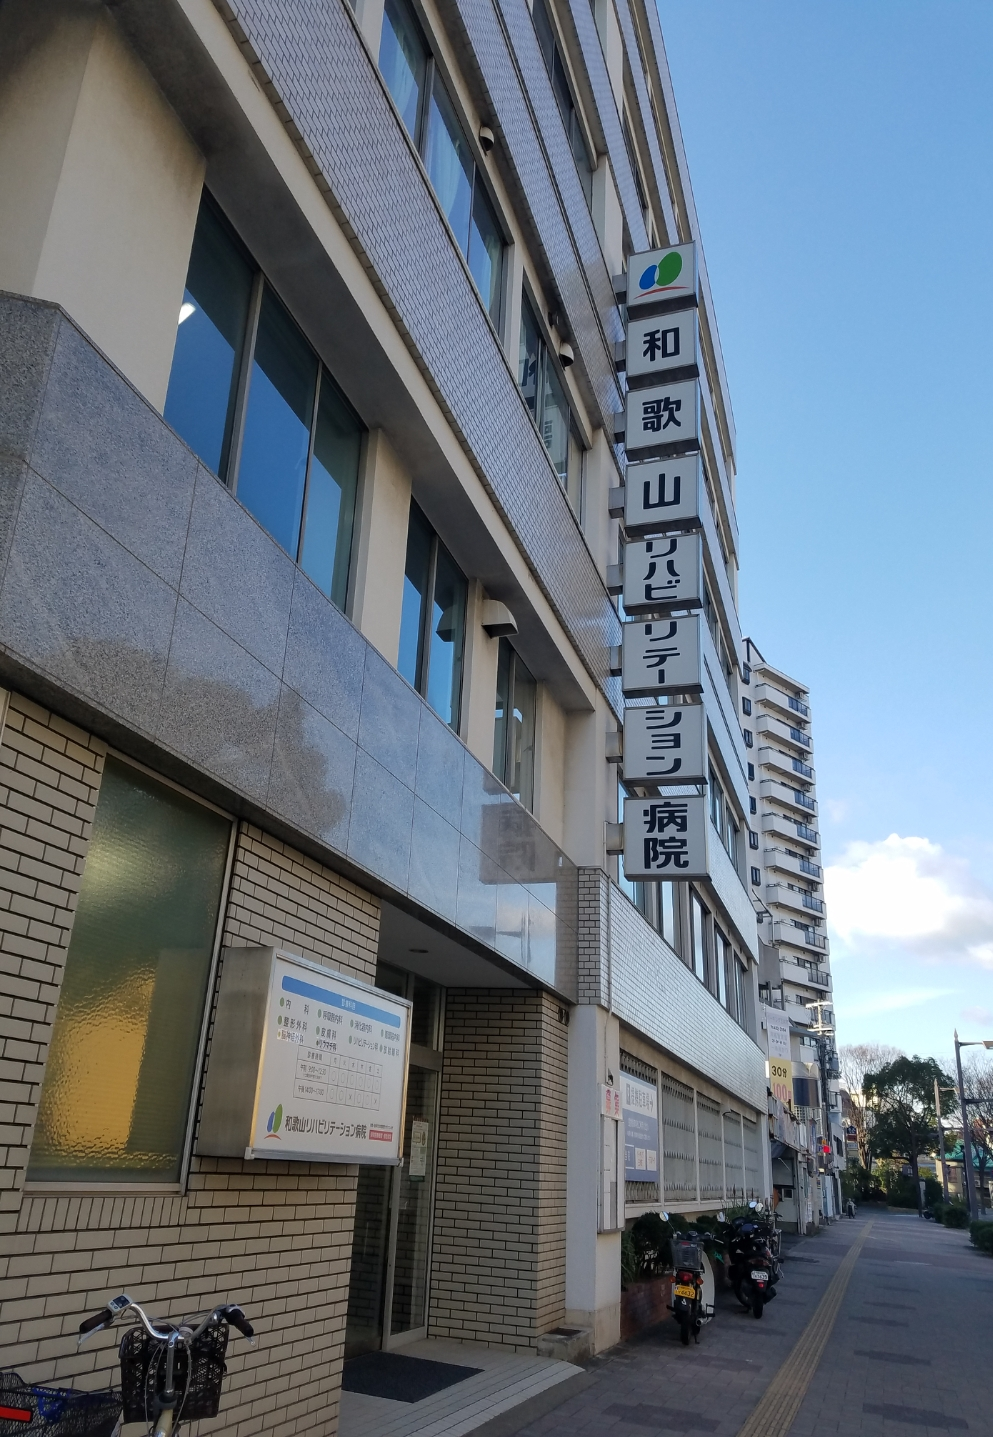 伏虎リハビリテーション病院